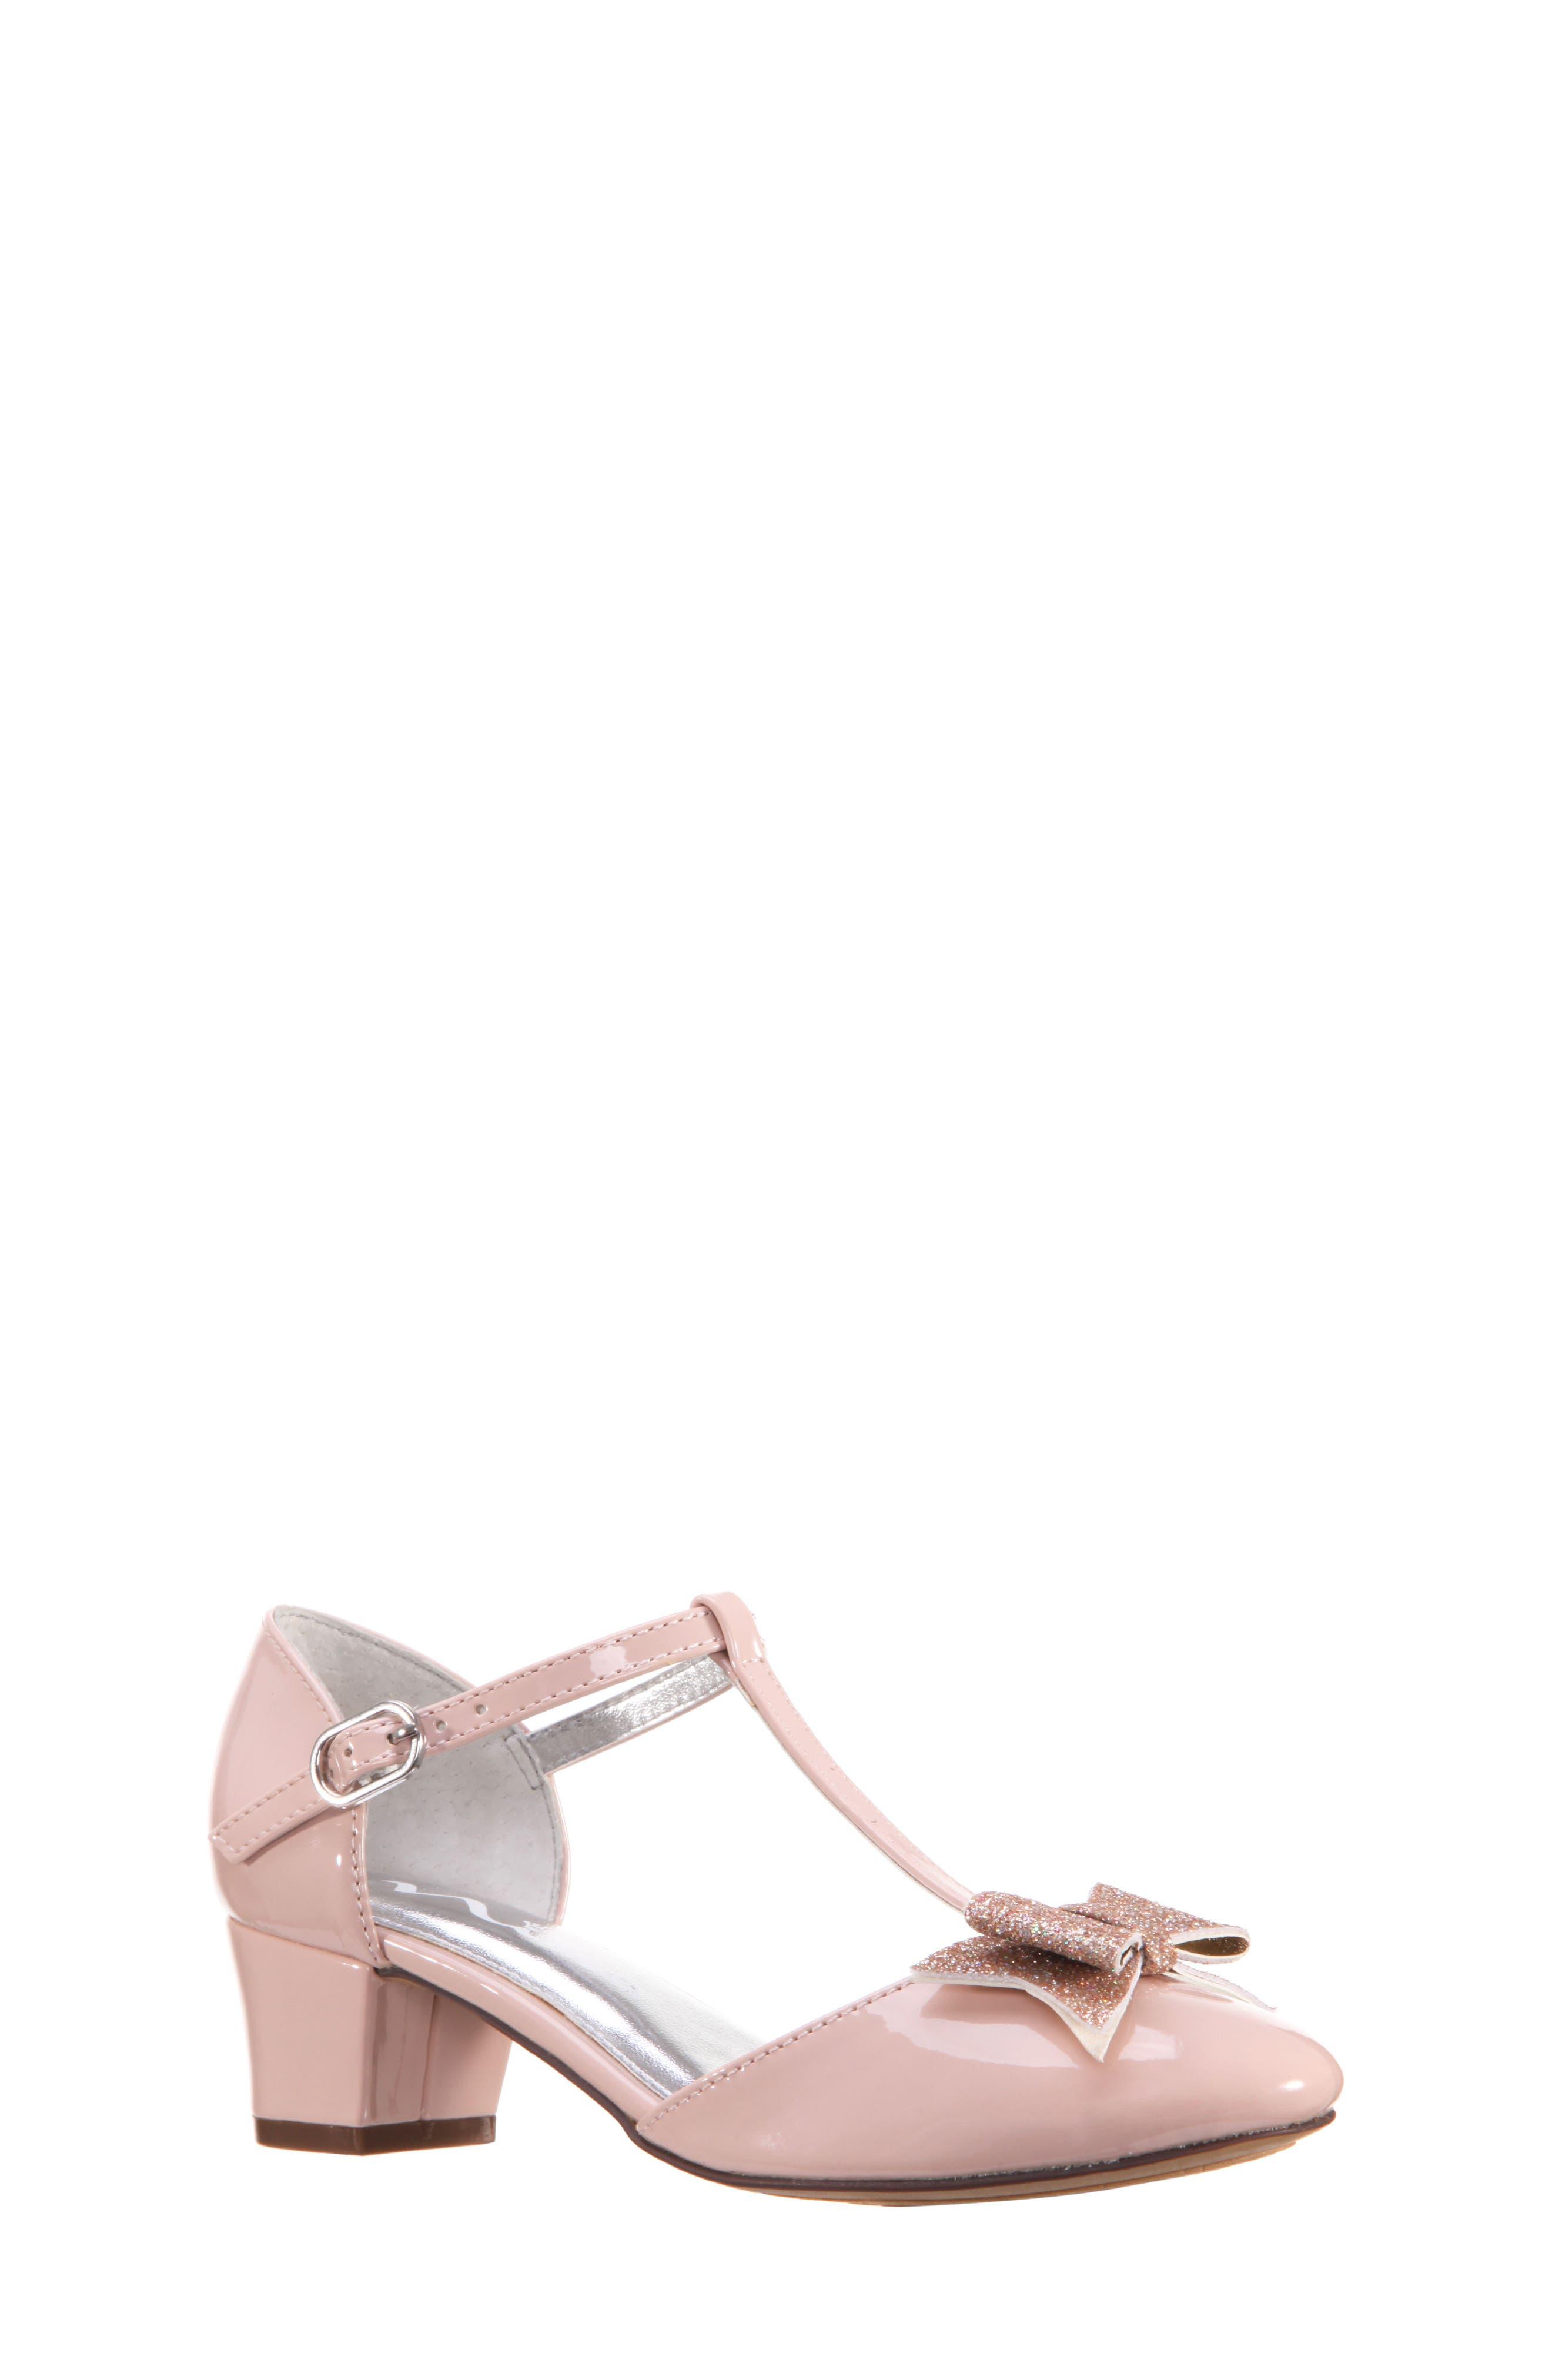 Marvette T-Strap Sandal,                             Main thumbnail 1, color,                             BLUSH PATENT